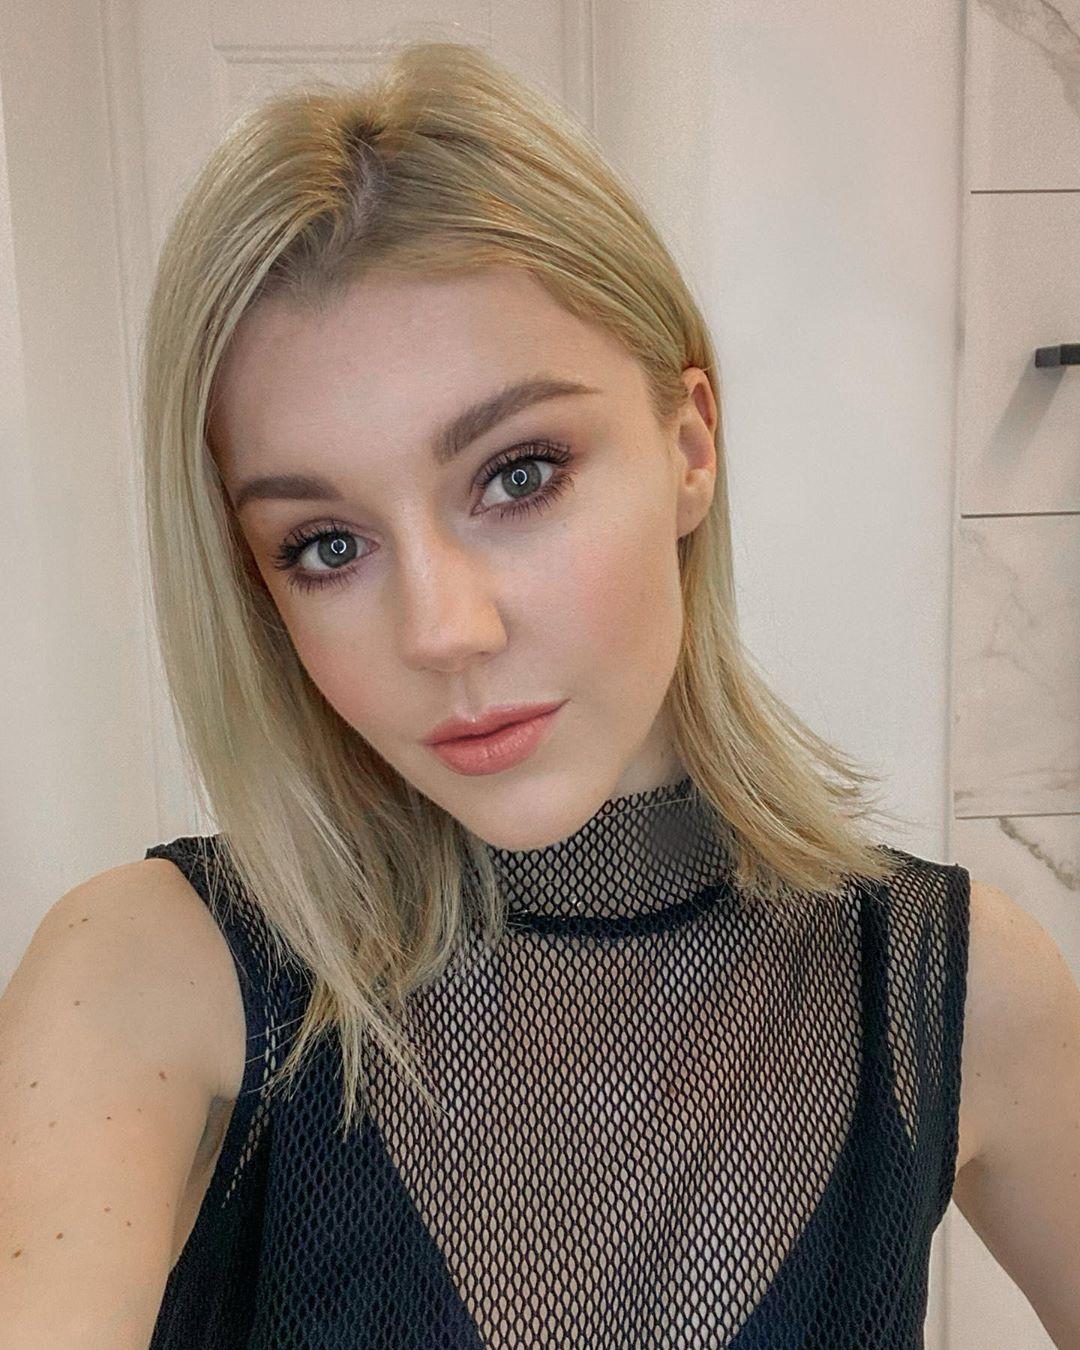 Юлианна Караулова записала новую песню «Градусы»